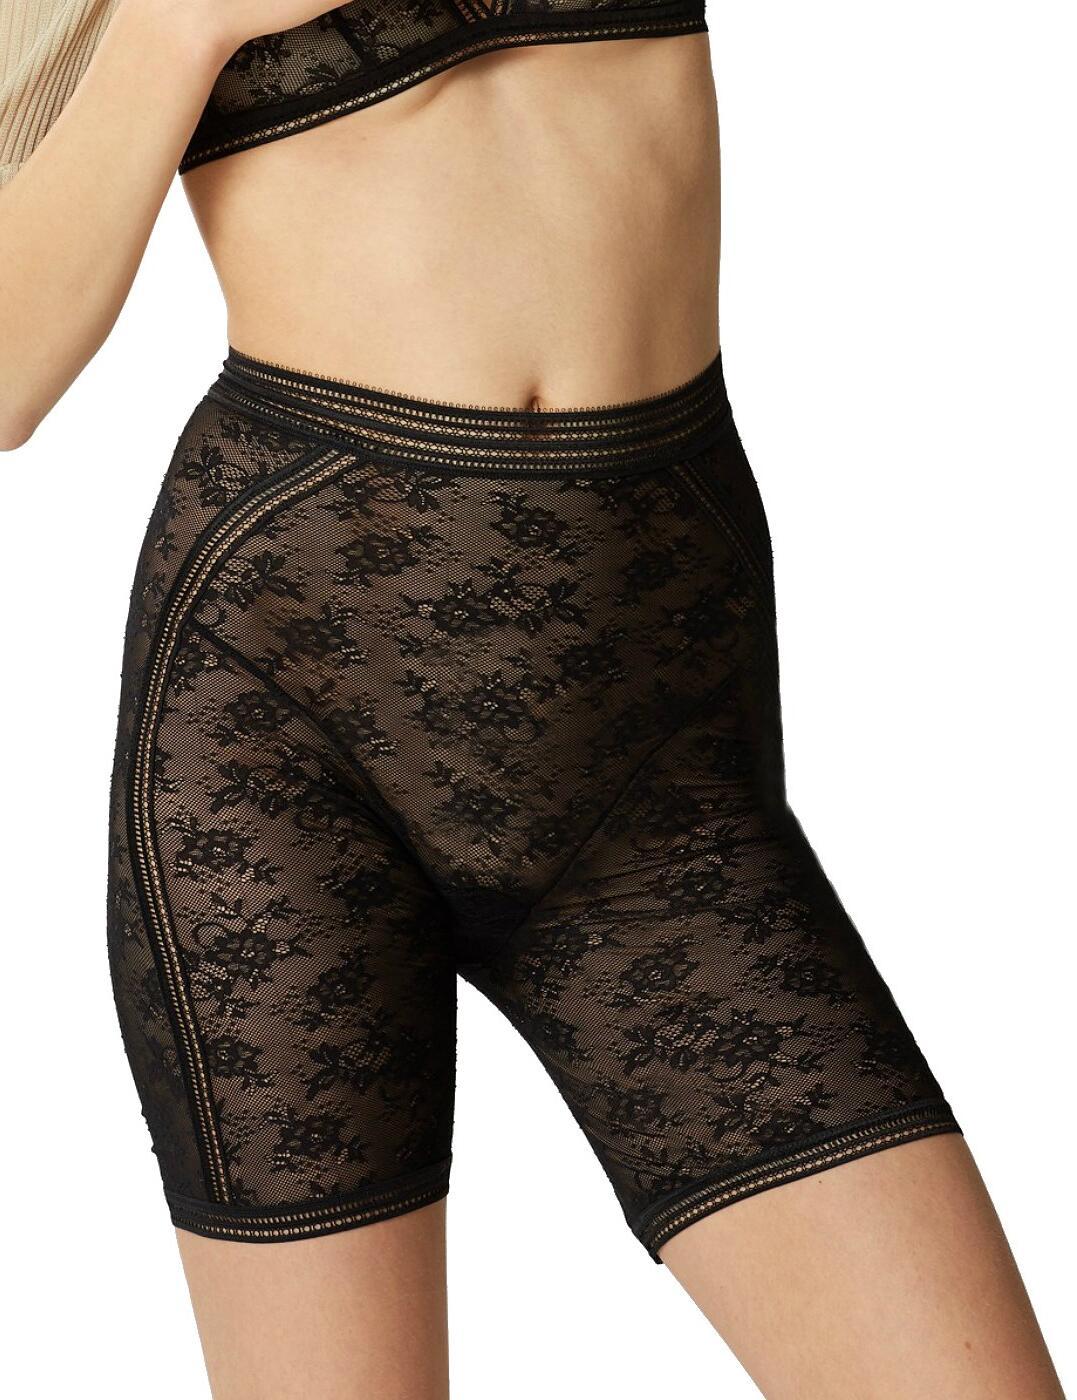 16458 Maison Lejaby Miss Lejaby Long Leg Panty - 16458 Noir